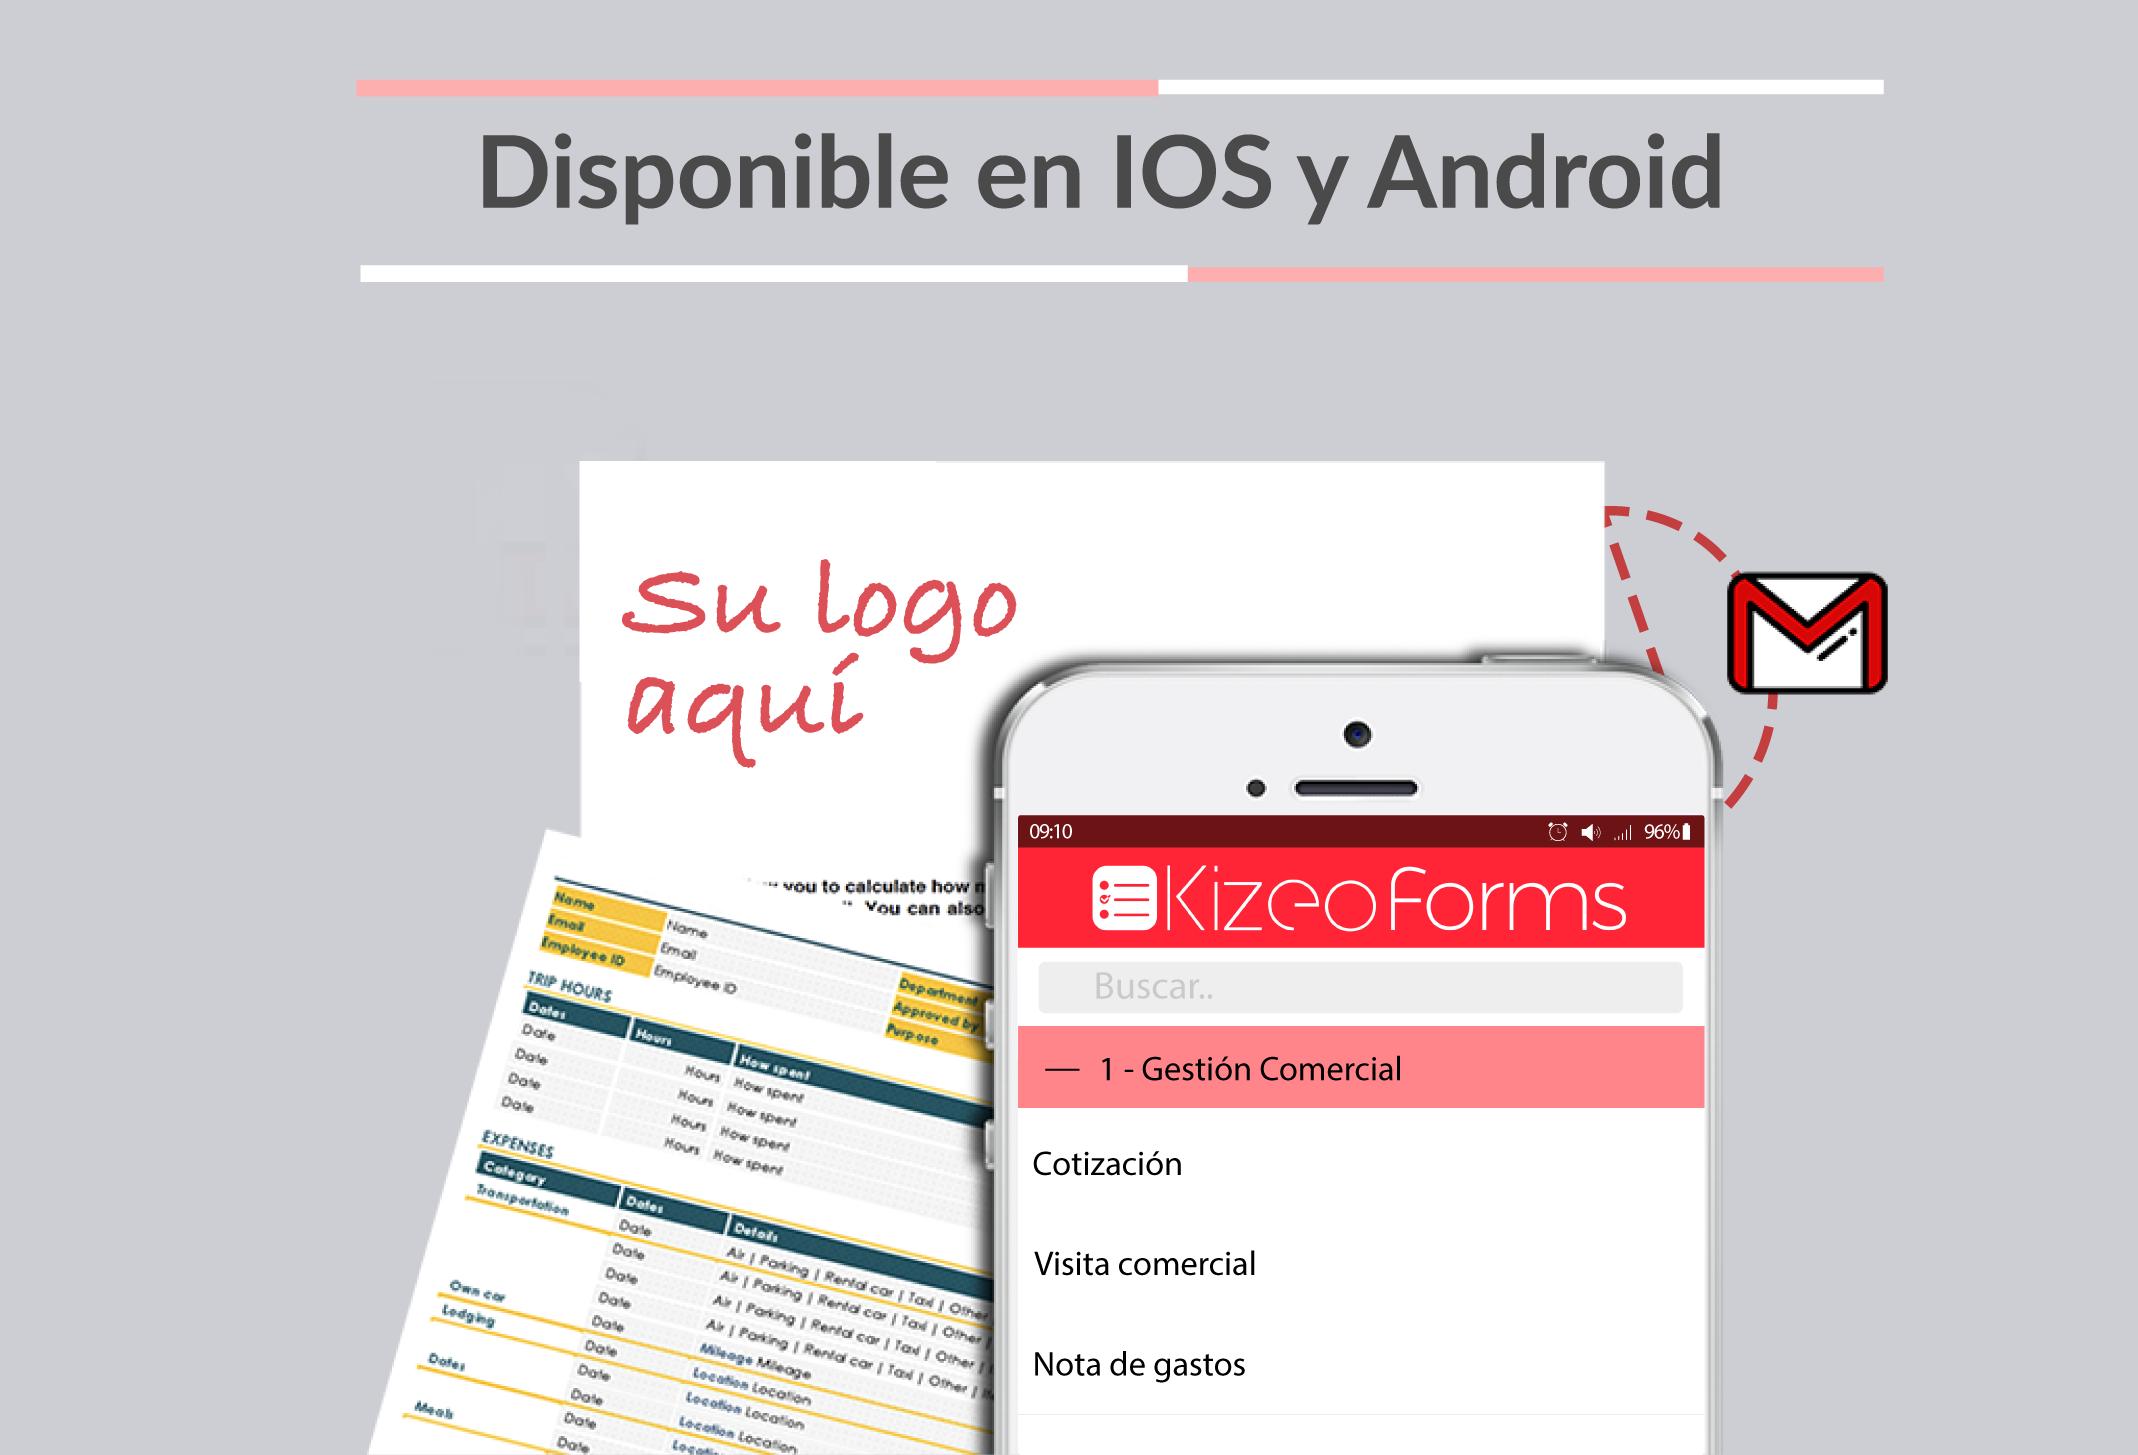 Con Kizeo Forms, el envío de datos es ilimitado (reportes, cotización, check-list).